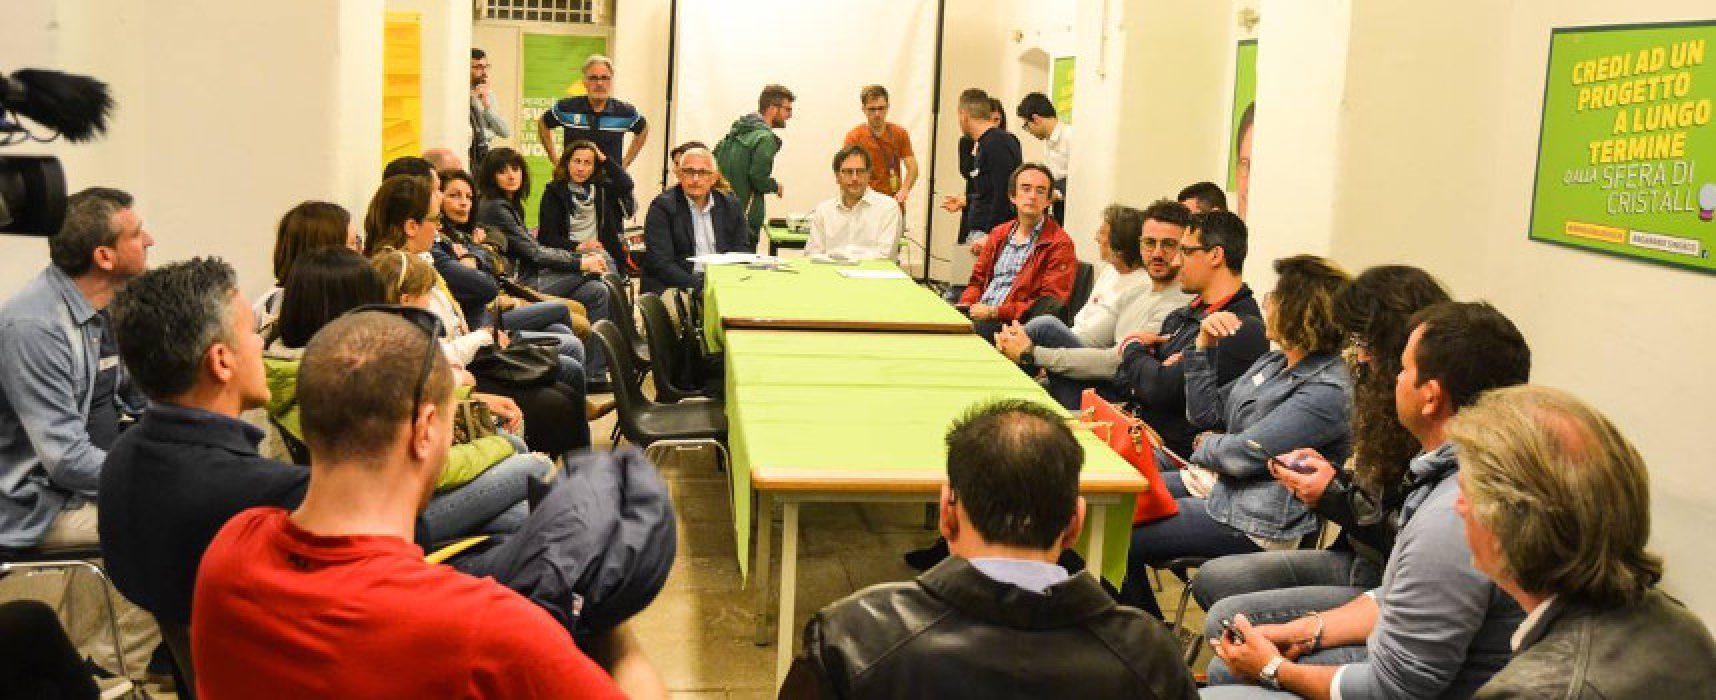 """Primo tavolo programmatico coalizione Angarano: """"condivisione è nostra bandiera"""""""